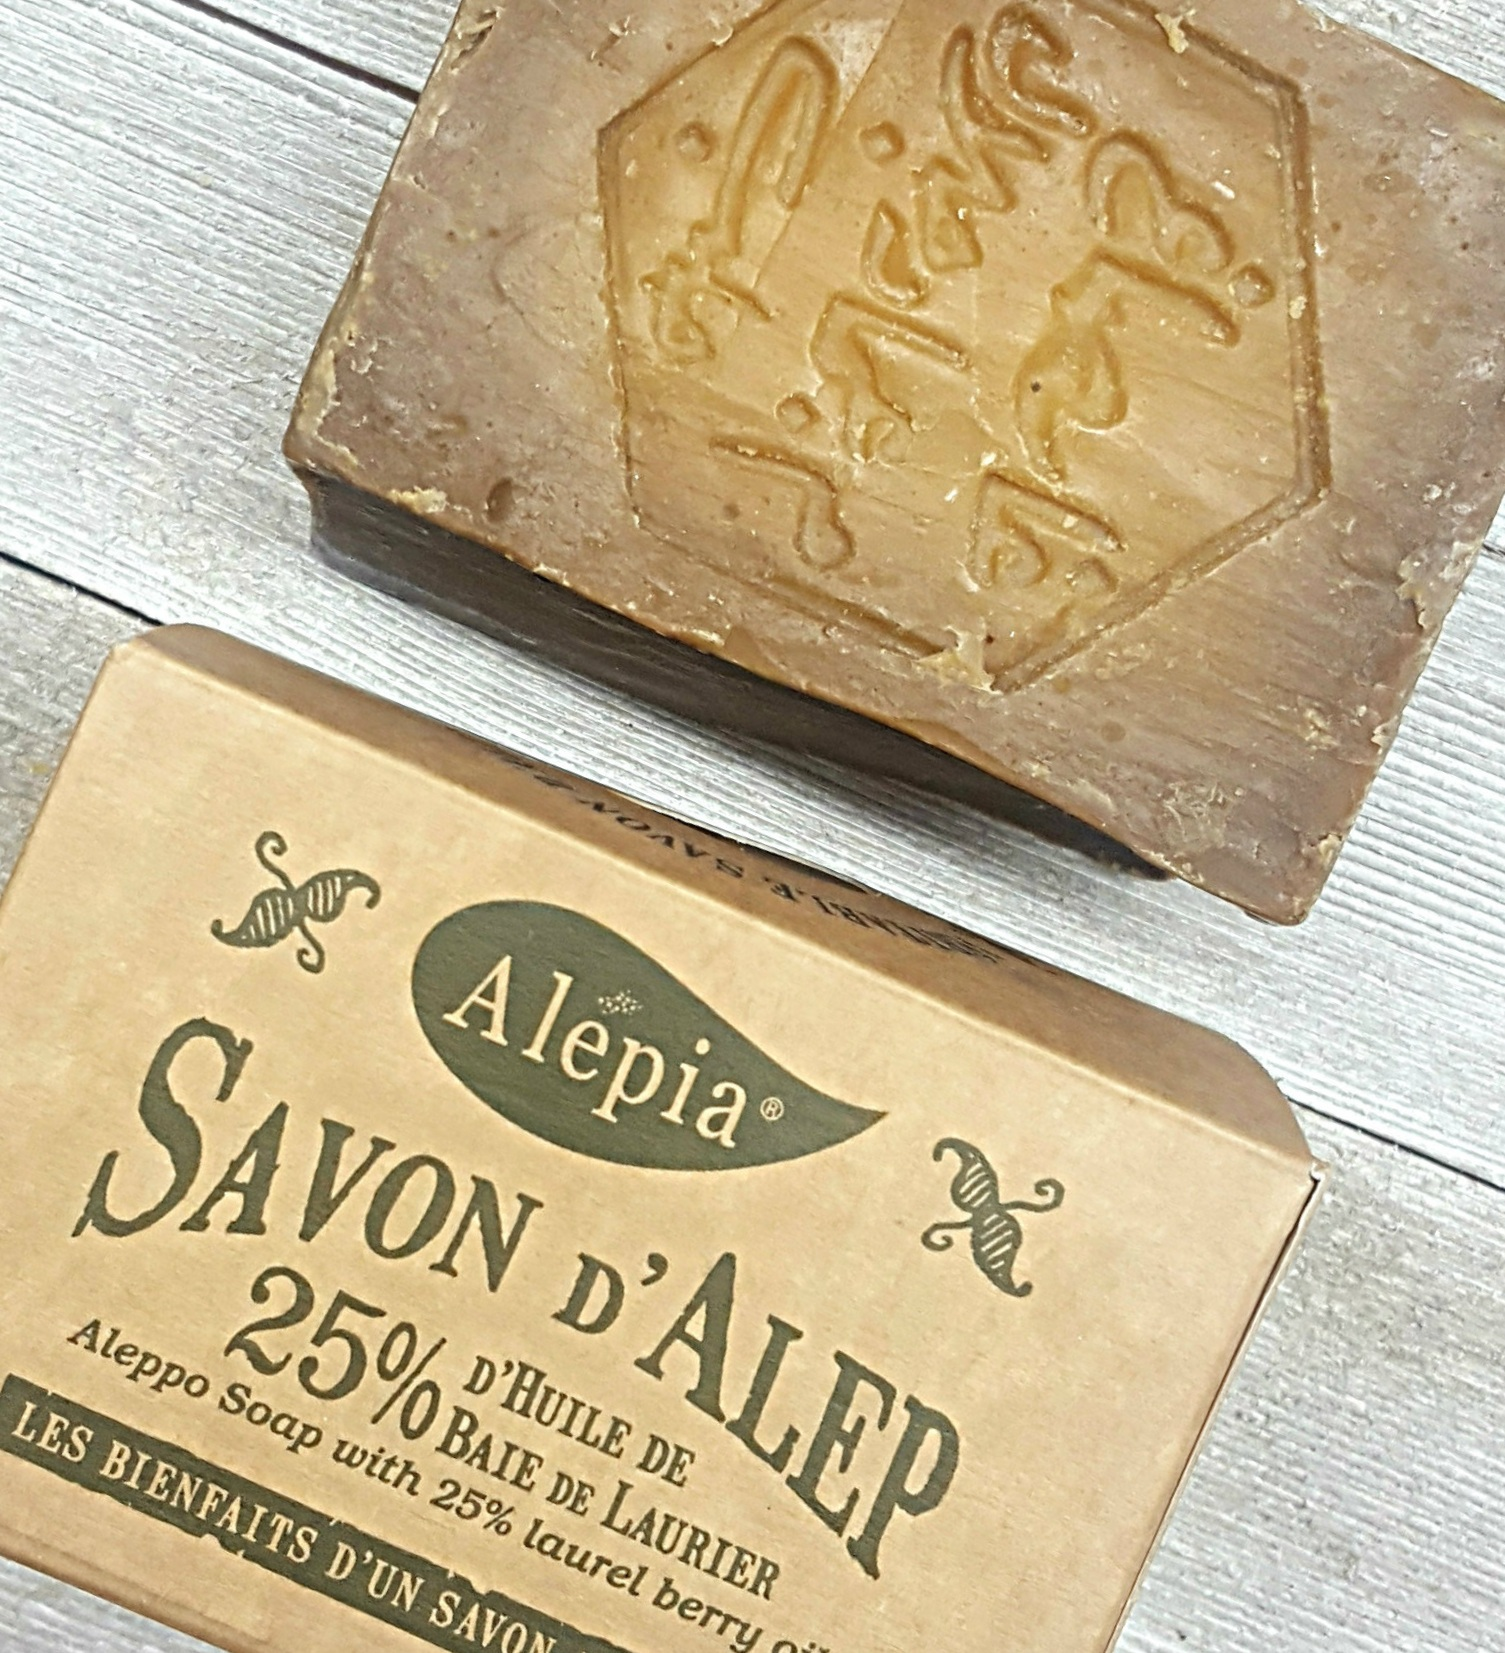 À propos - La mission de Boutique Alepia est de rendre les produits de la marque Alepia disponible au Québec mais aussi partout au Canada.Nos produits sont offerts à la vente au détail principalement via notre boutique en ligne, même s'il est aussi possible de se procurer nos produits en magasin puisque nous distribuons après de plusieurs détaillants qui ont une boutique pignon sur rue.Nous importons nous-même nos savons directement depuis la société La Maison d'Orient en France qui fabrique les produits de la marque Alepia. Autrement dit, entre elles et nous, les seuls intermédiaires sont les douaniers et les marins!Utilisez notre page contact afin de communiquer avec nous ou visitez notre page Facebook ou notre blog pour les dernières nouvelles.